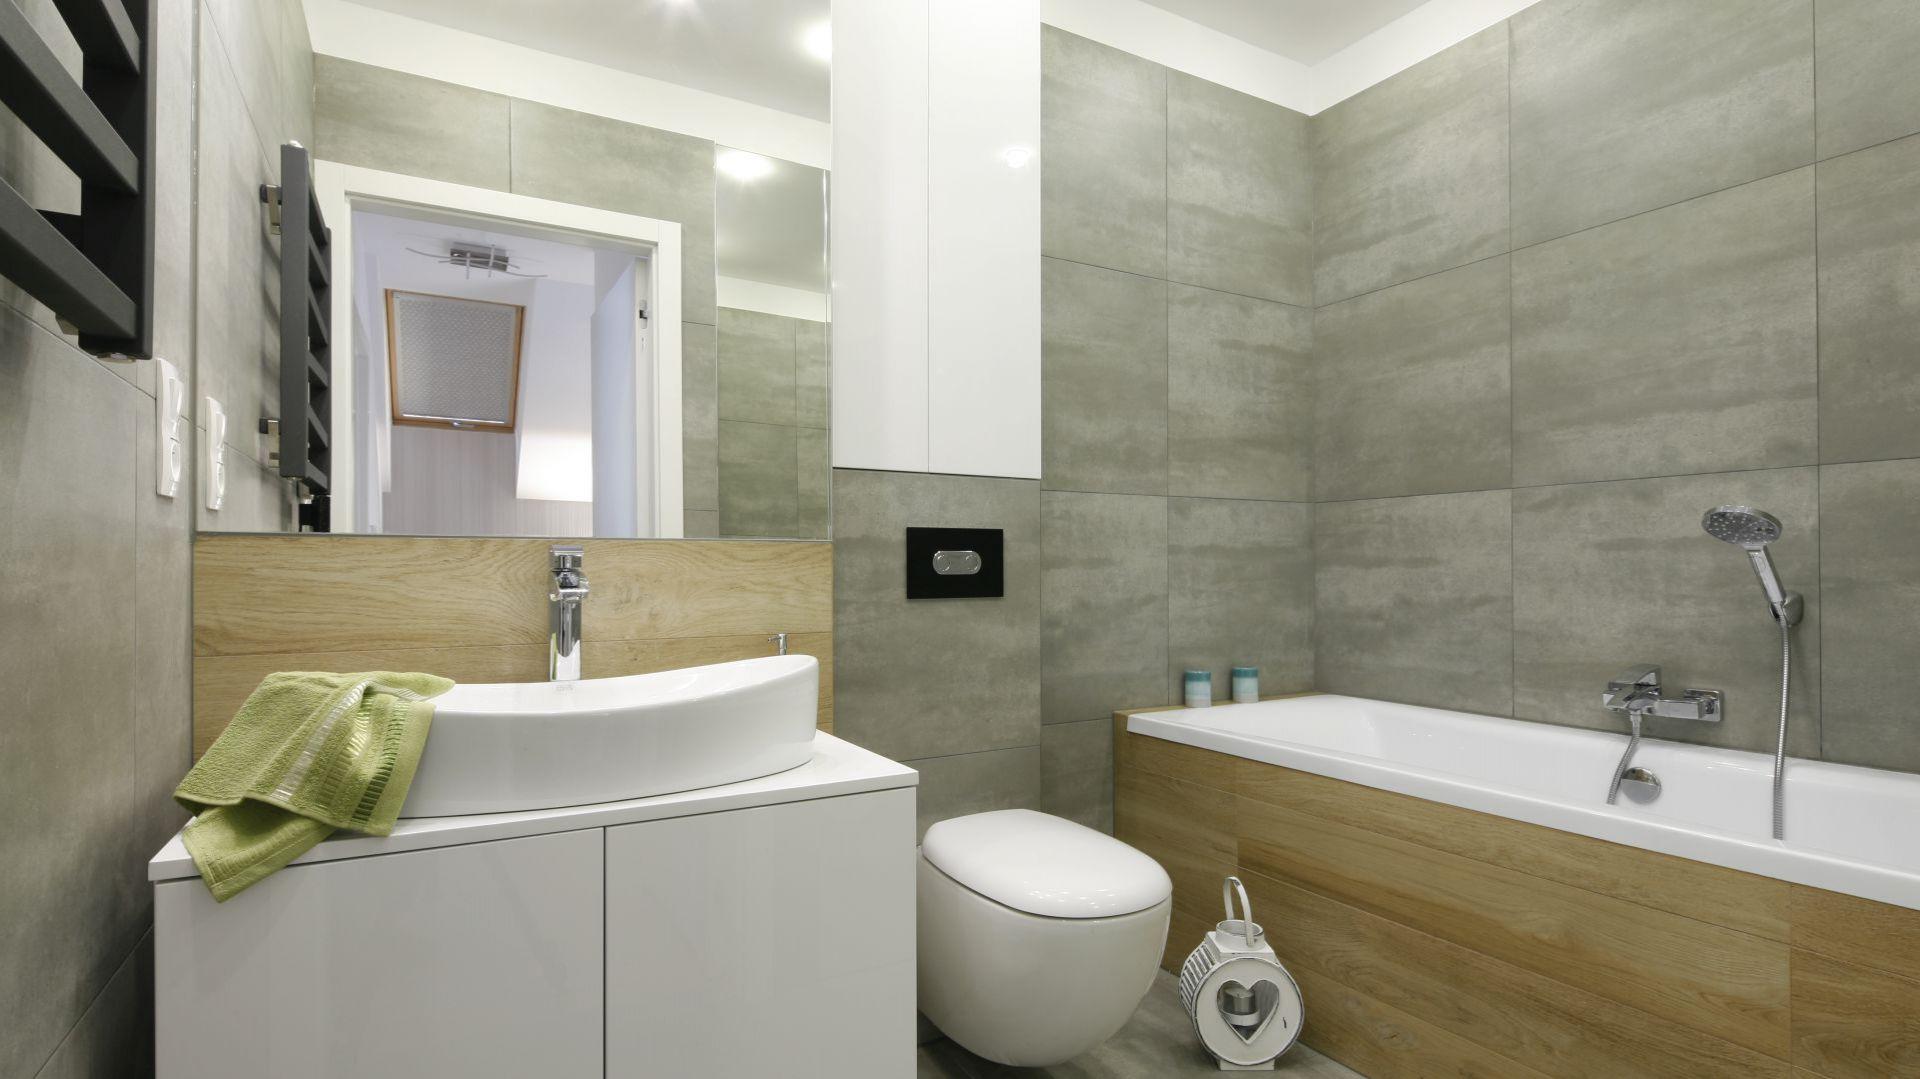 Łazienki, w których ten sam kolor oraz sposób wykończenia rozciąga się na wszystkie ściany, wydają się większe. Projekt: Katarzyna Uszok. Fot. Bartosz Jarosz